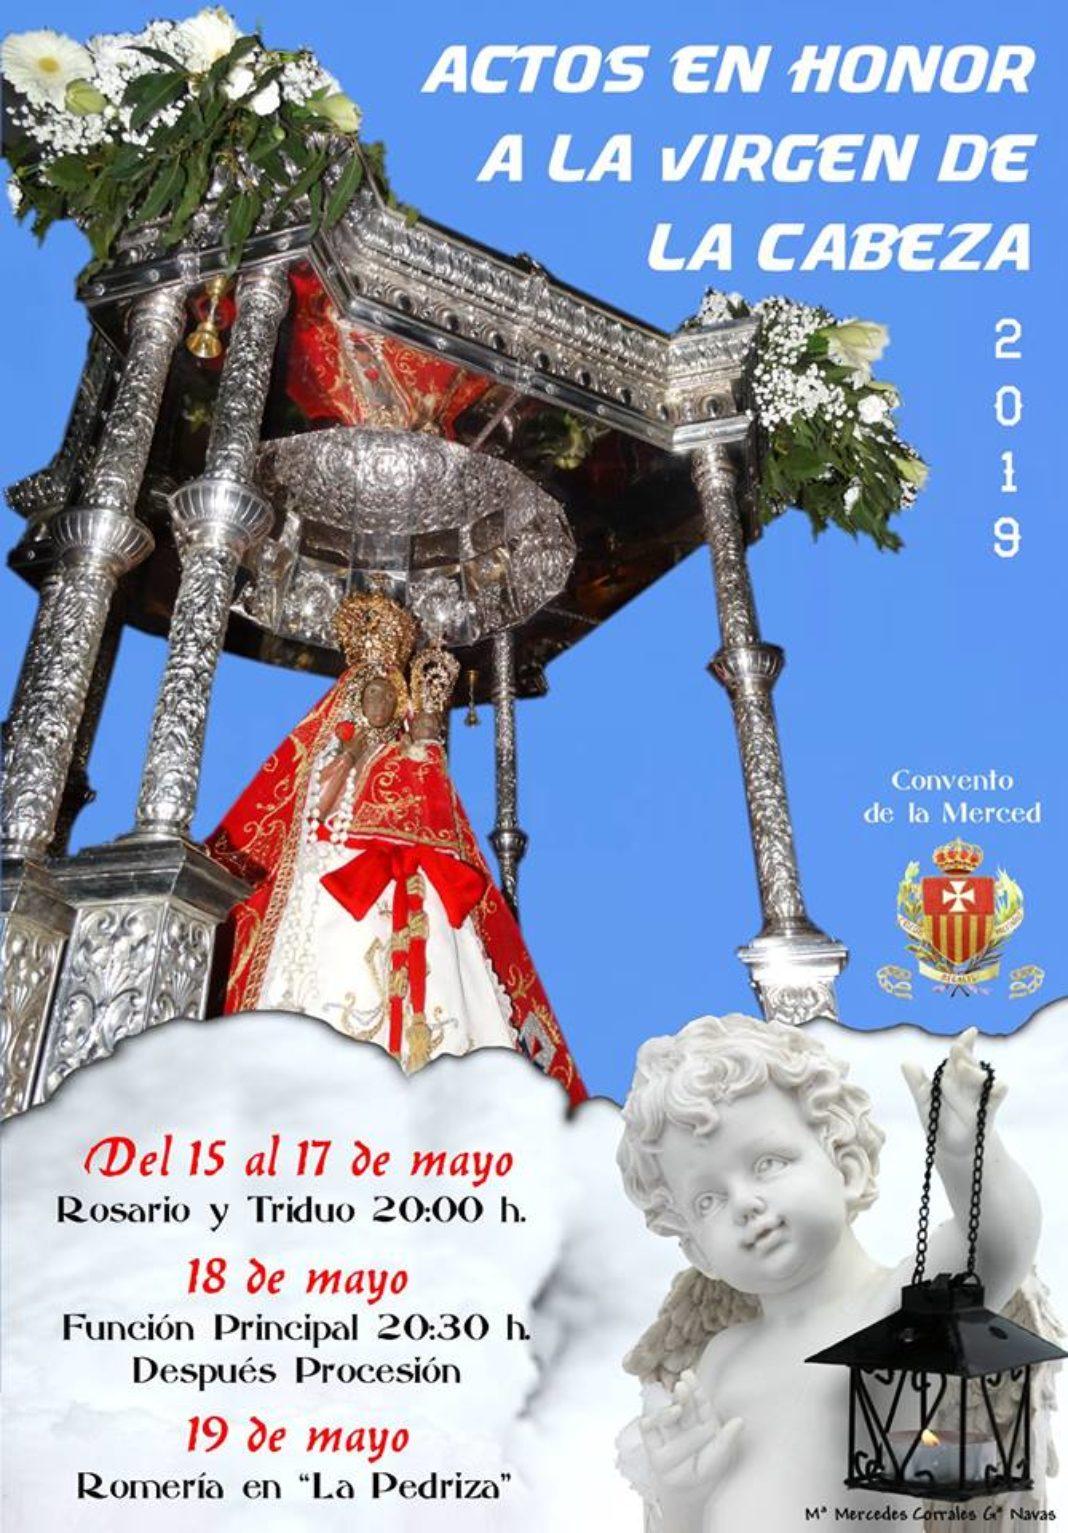 Actos religiosos en honor a la Virgen de la Cabeza en el convento de La Merced 4